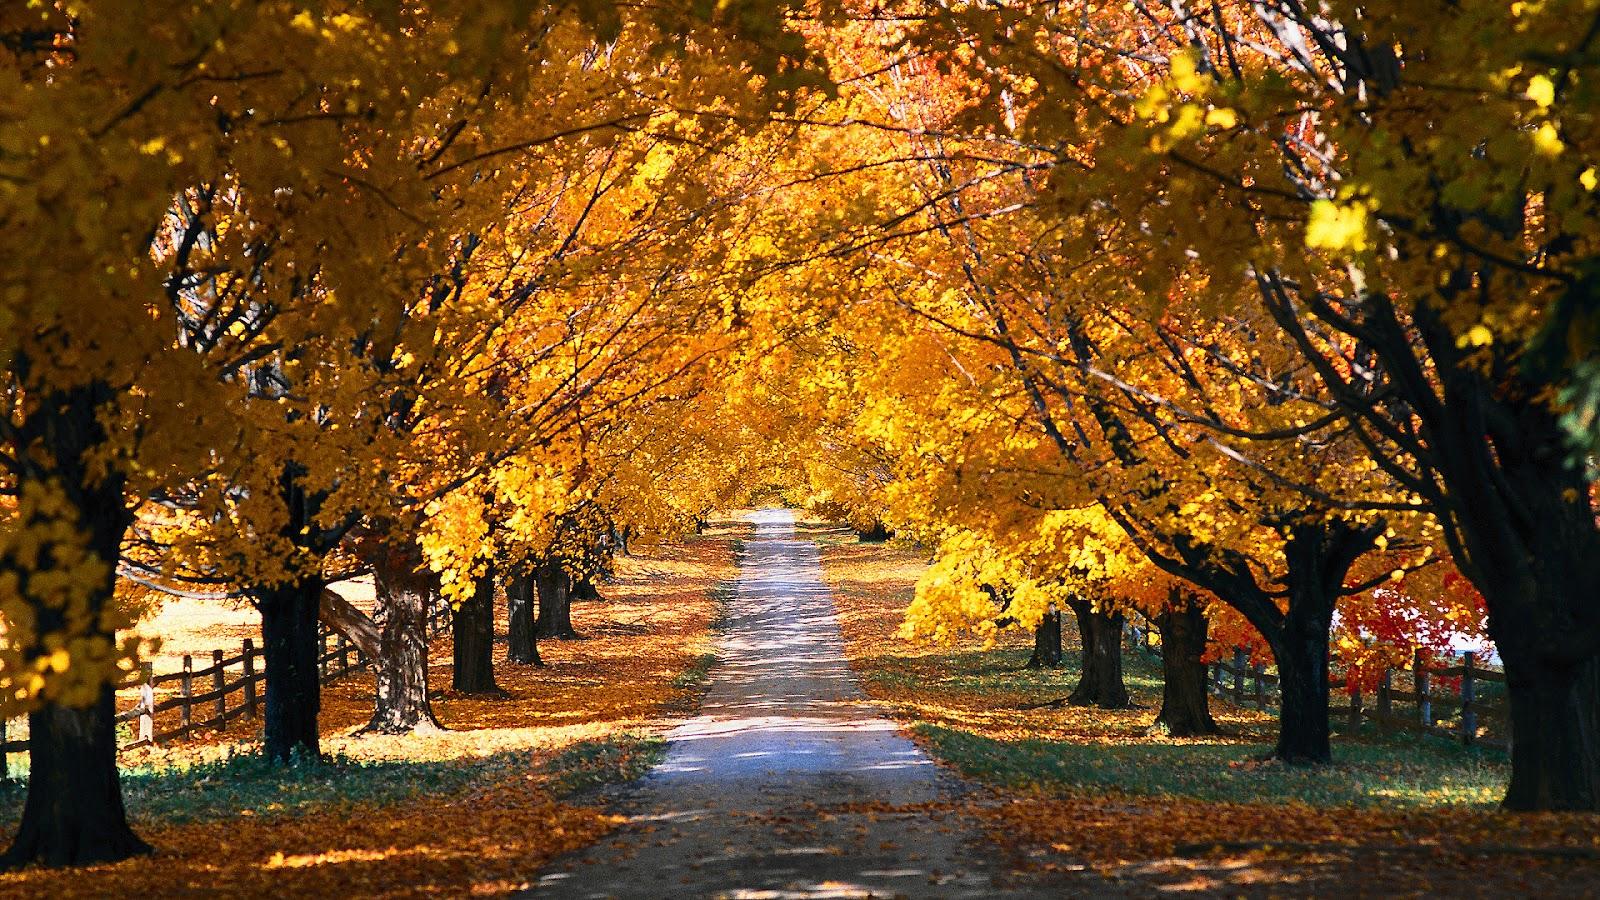 http://3.bp.blogspot.com/-AB2TwWfKLmI/UFL559sKE1I/AAAAAAAAHog/PG-SMncxng8/s1600/hd-herfst-achtergrond-met-een-weg-tussen-de-bomen-door-hd-herfst-wallpaper.jpg